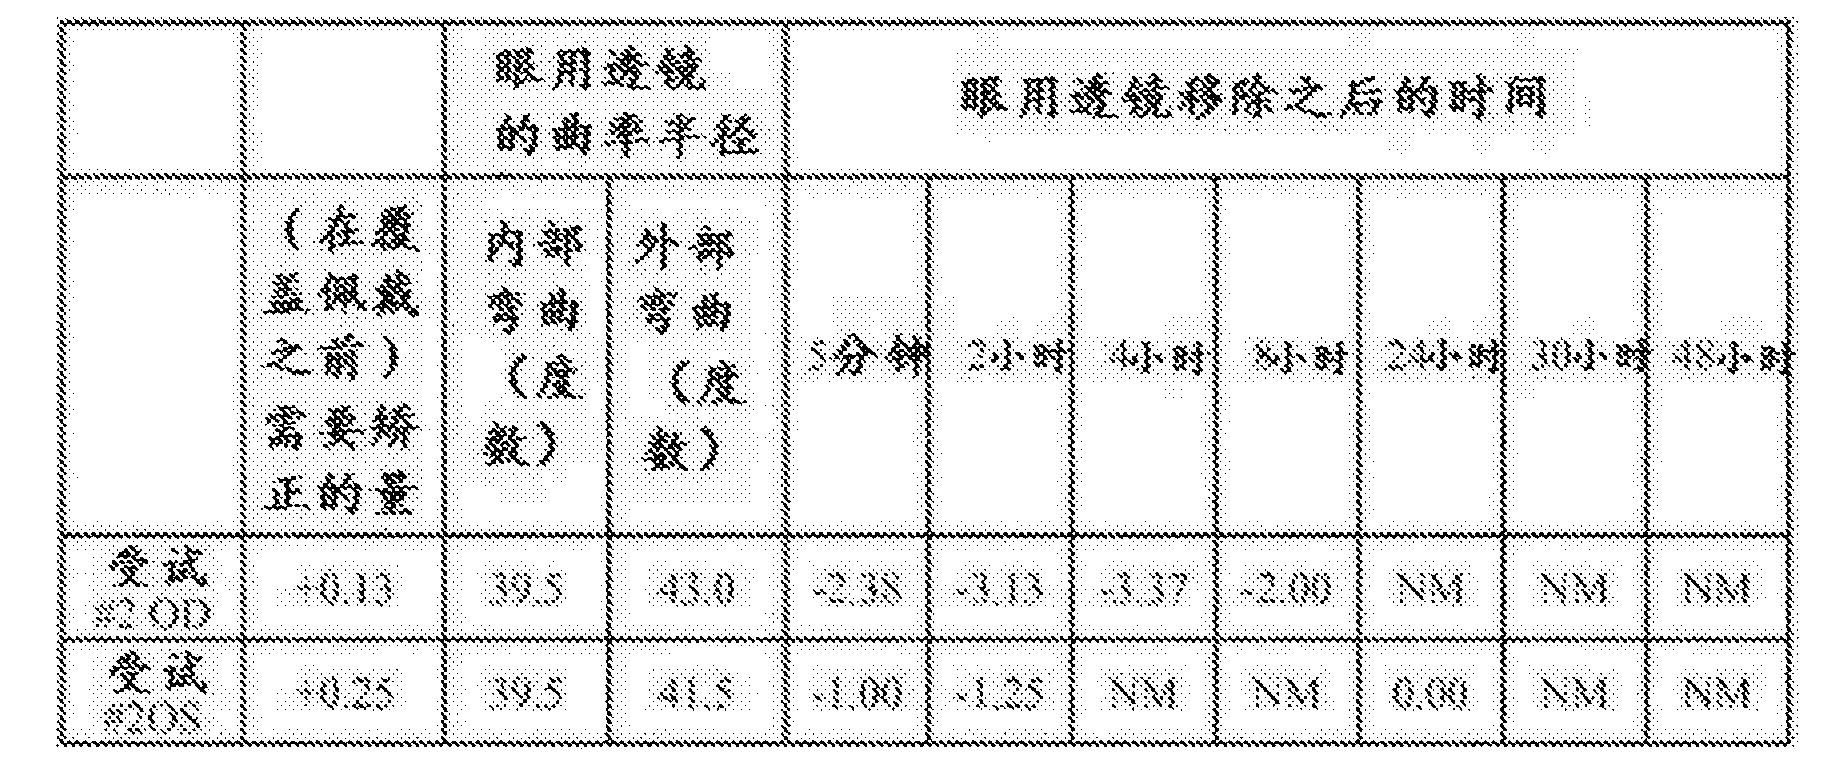 Figure CN104335104BD00471